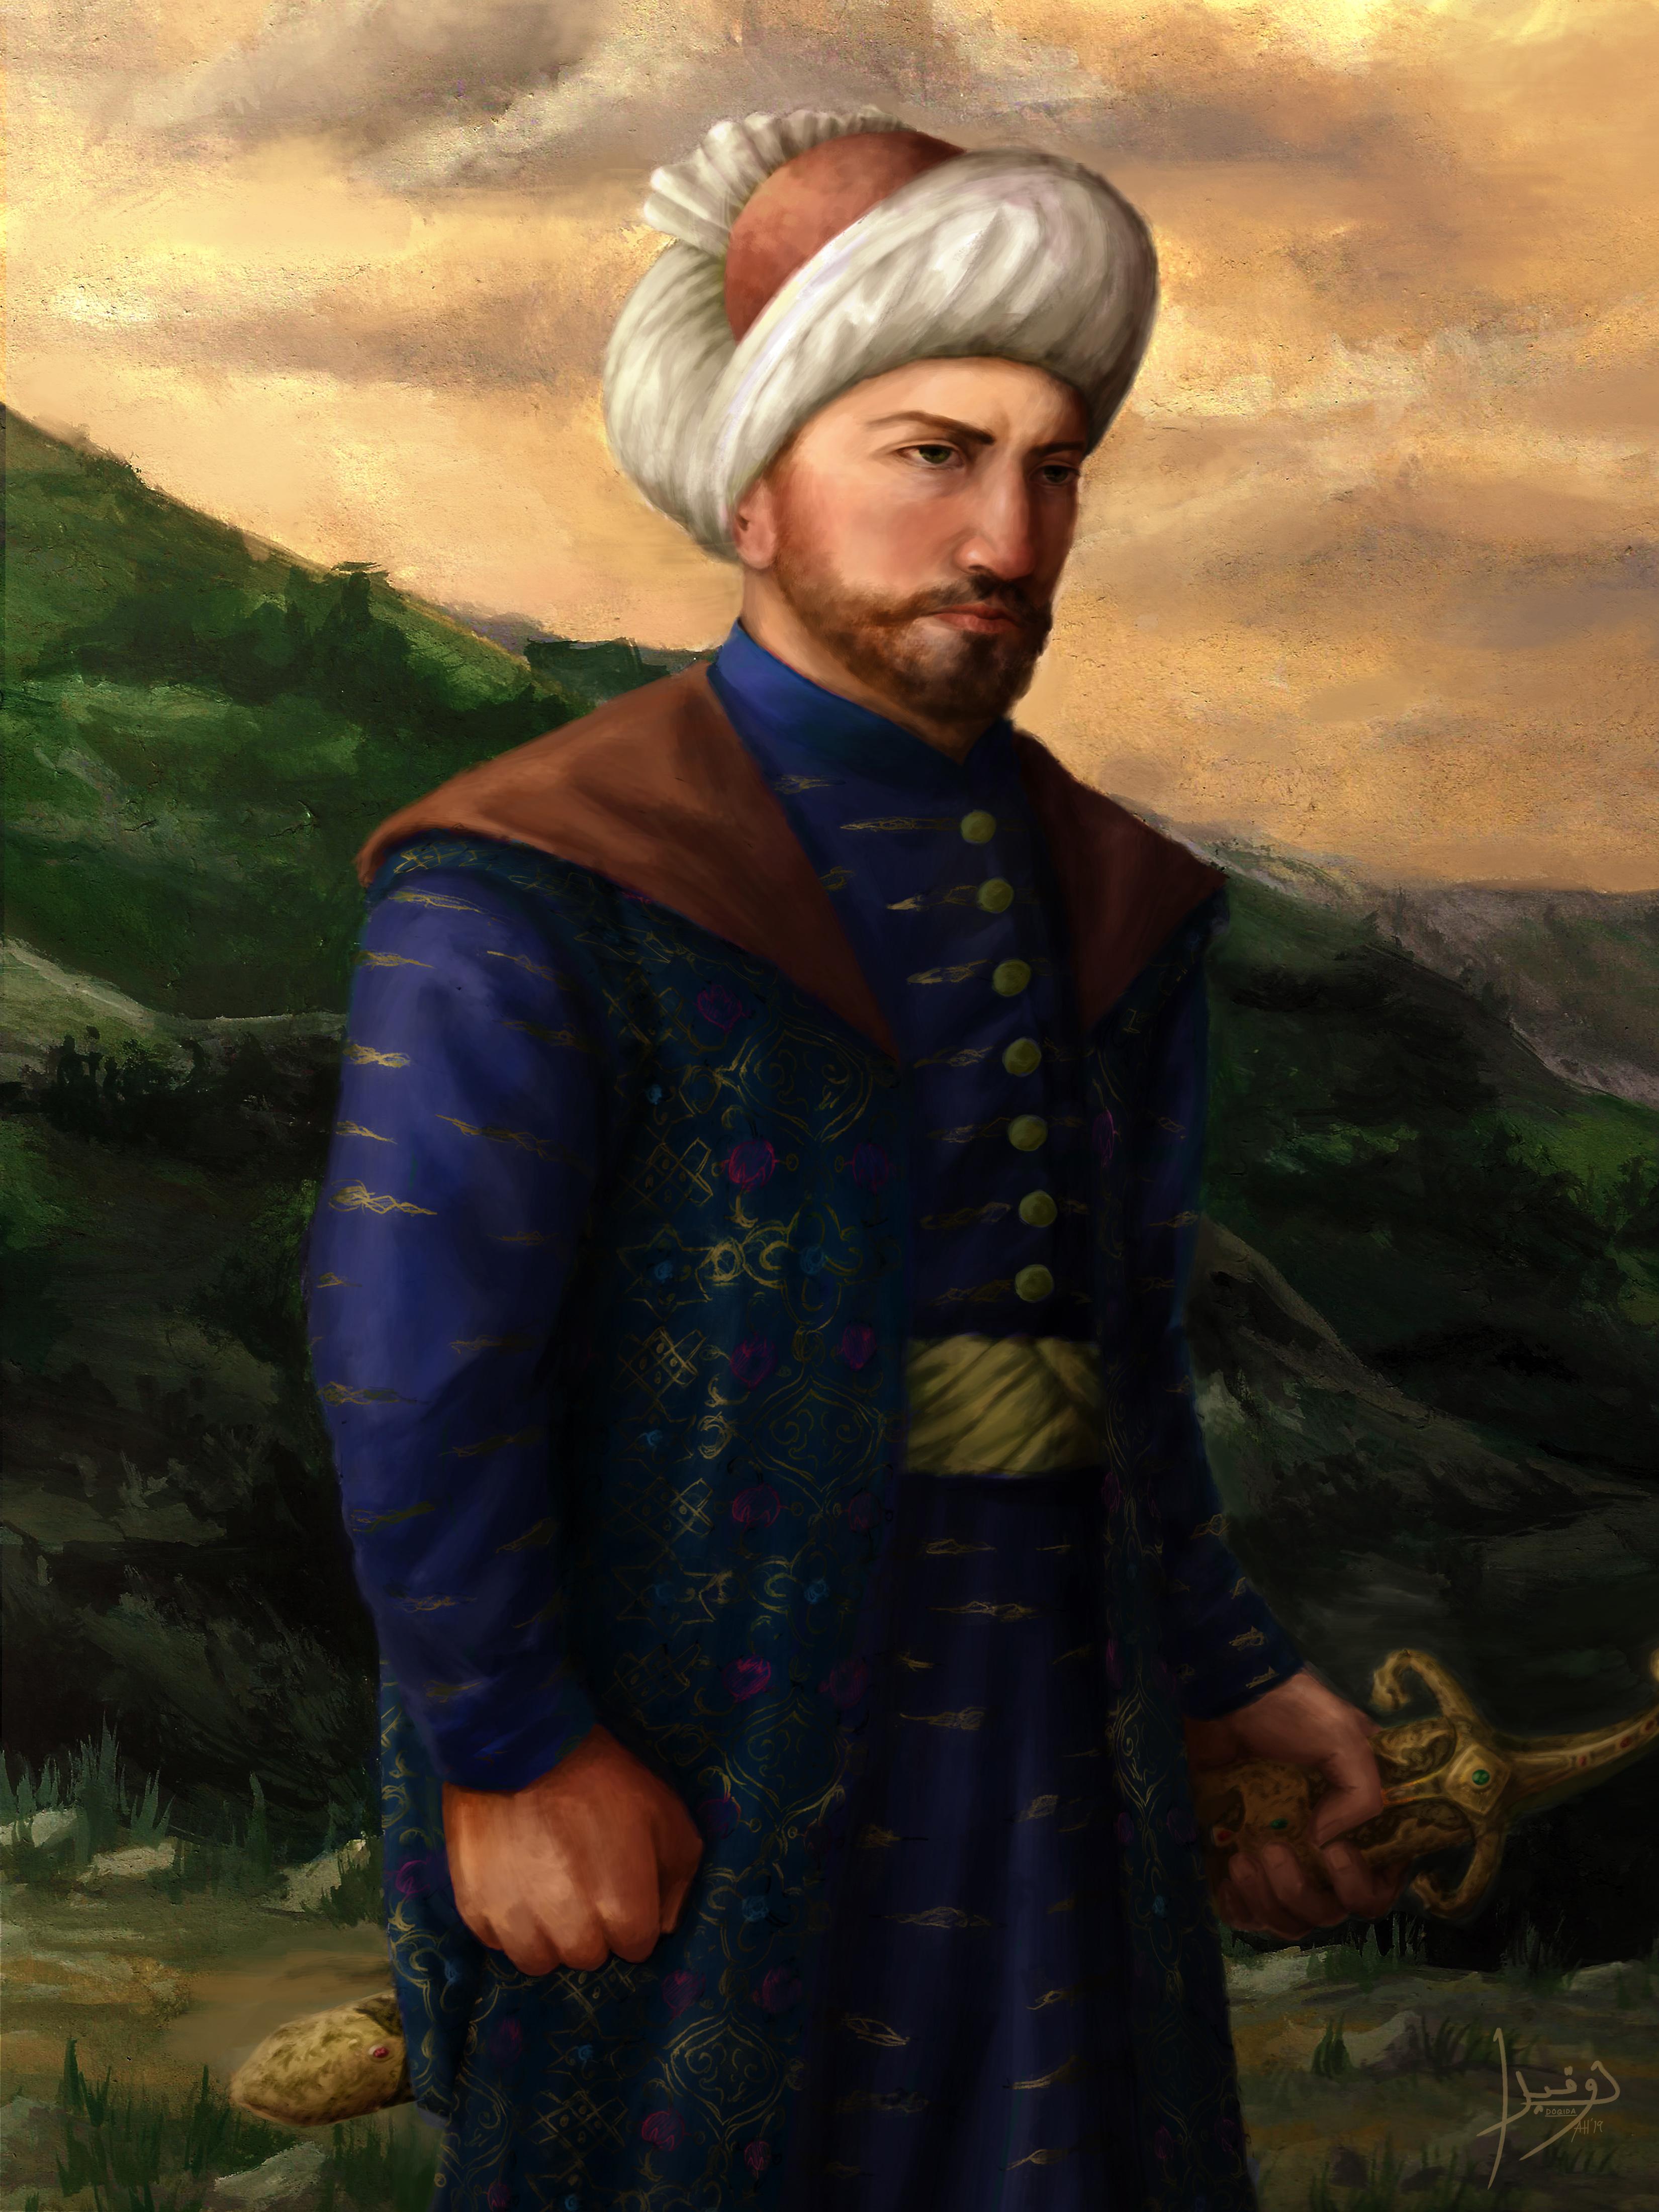 sultan_osman_i_by_doqida_ddcvbt8